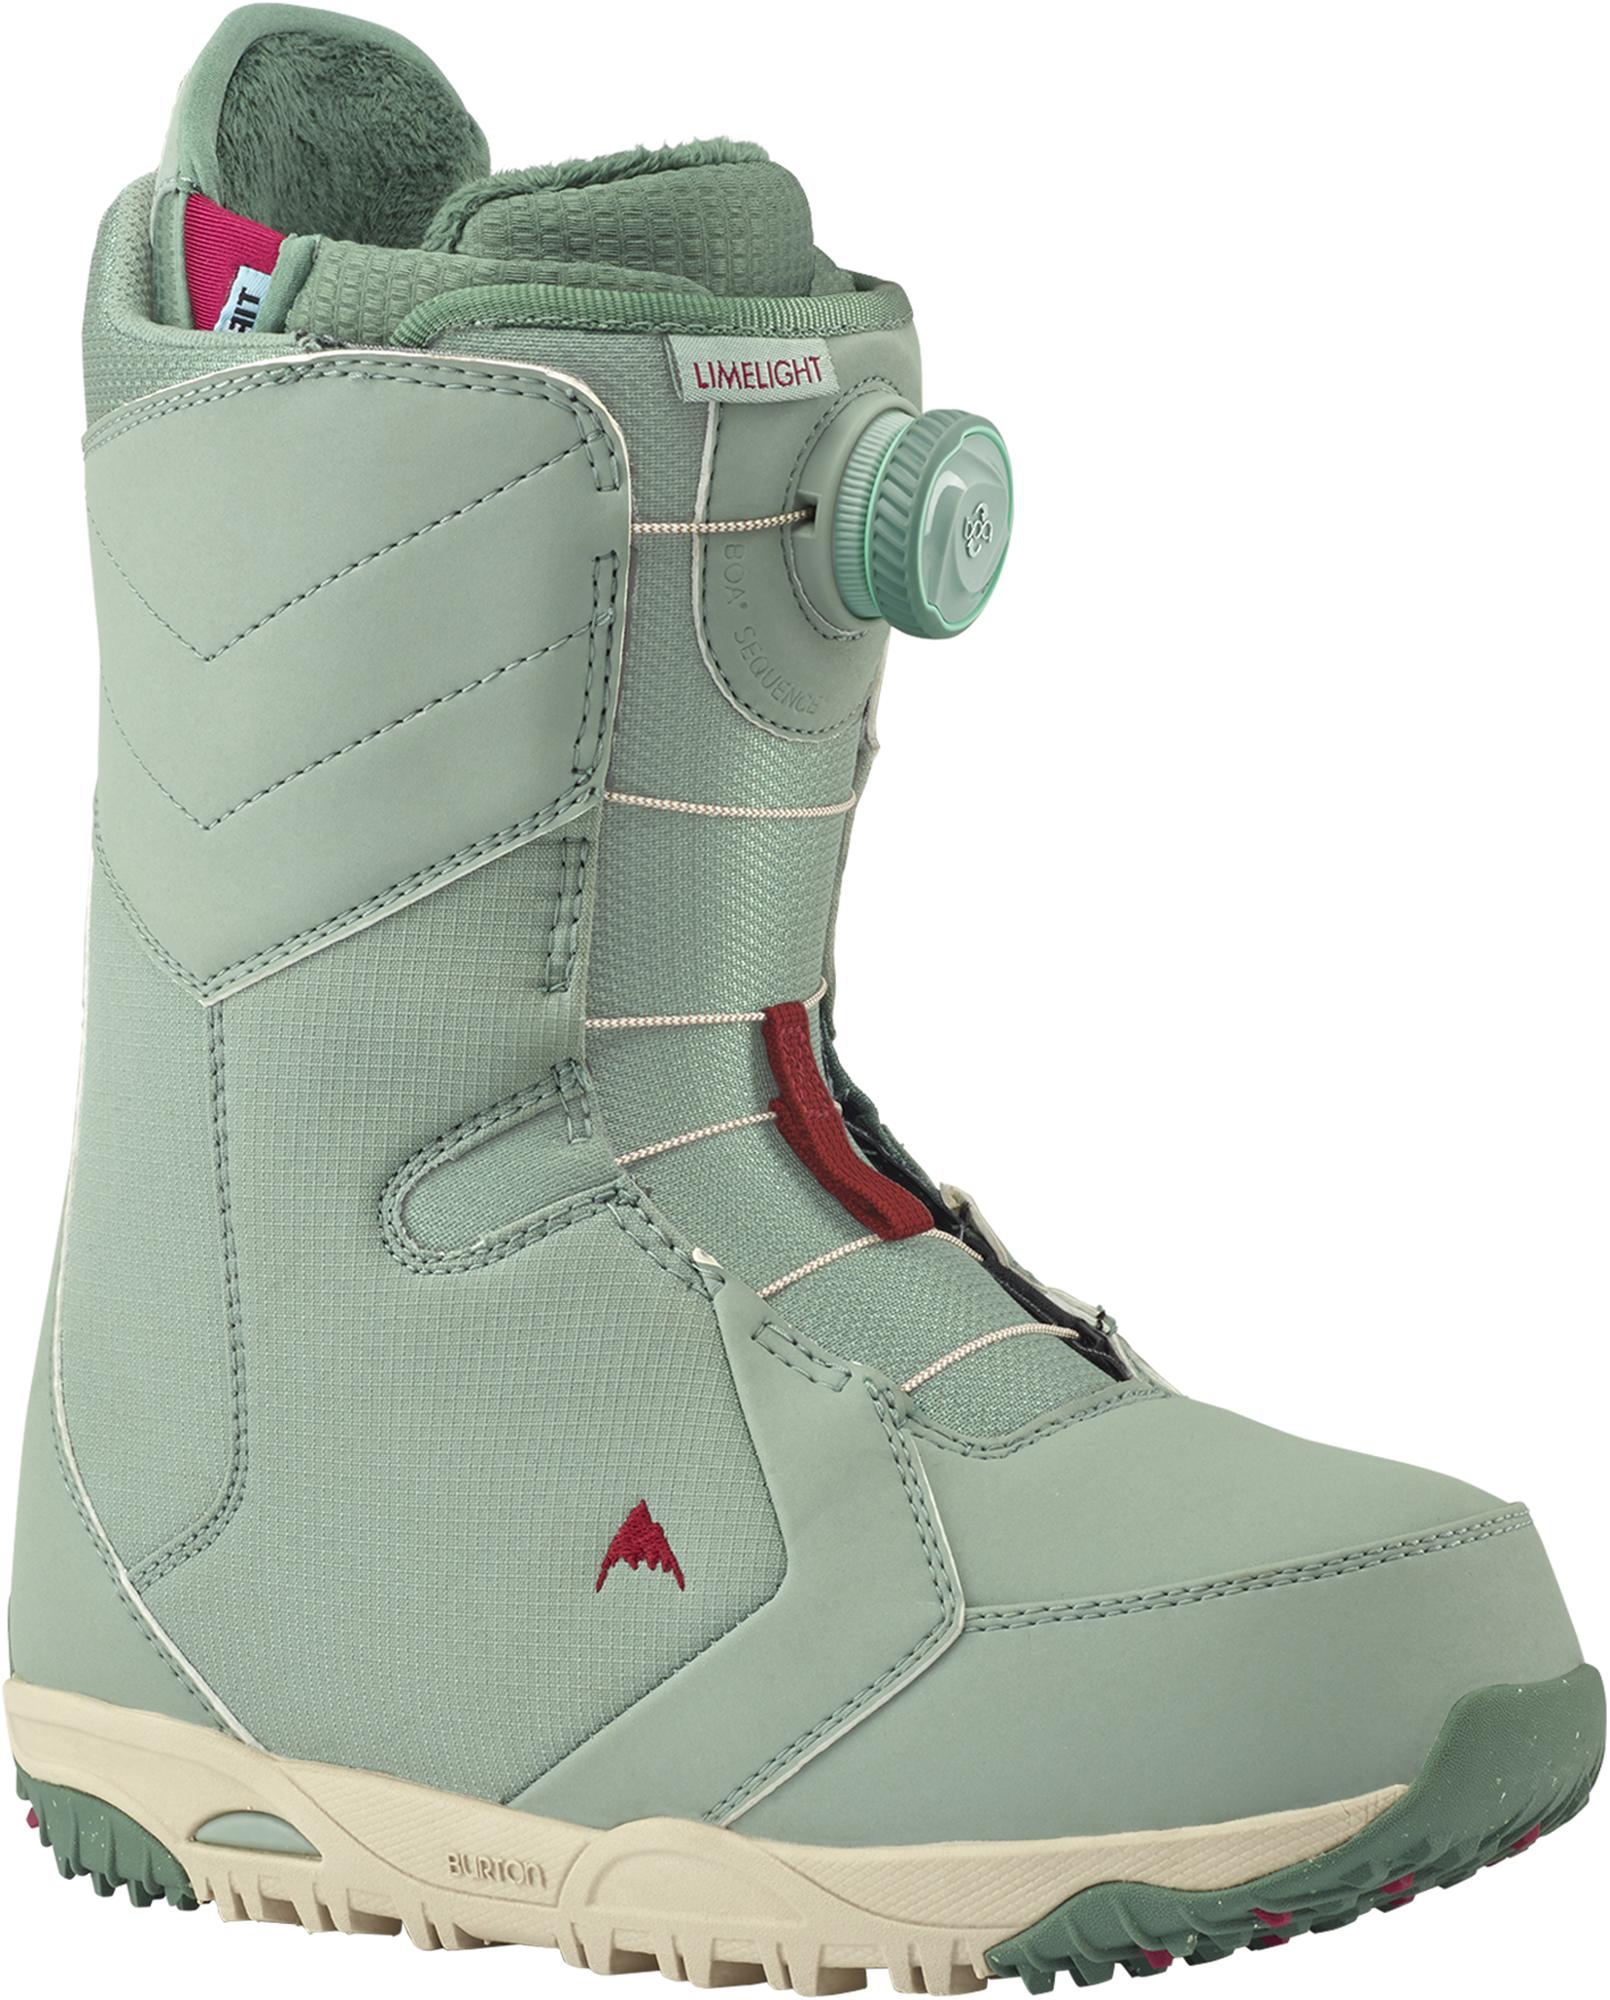 все цены на Burton Сноубордические ботинки женские Burton Limelight Boa, размер 38,5